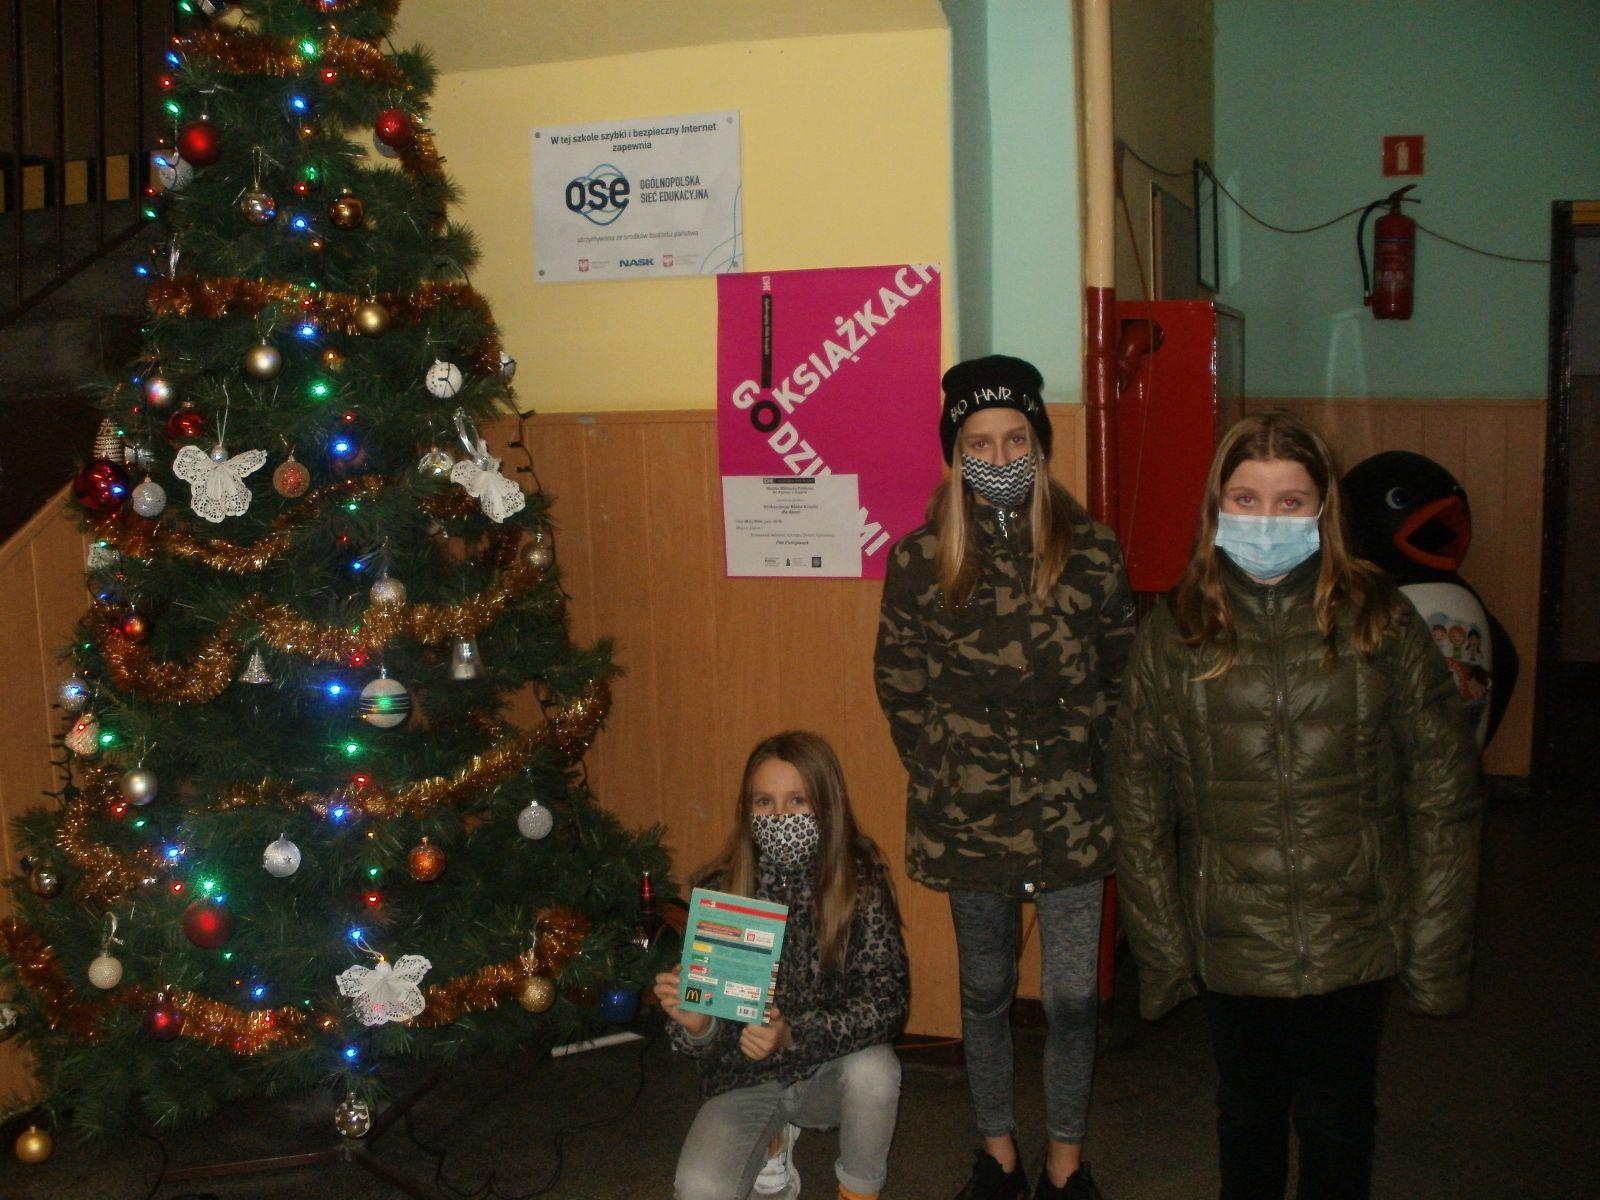 Zdjęcie. W korytarzu szkolnym, obok świątecznie przystrojonej choinki i na tle  różowego plakatu O książkach Godzinami pozują trzy uczennice z przeczytana książką. Dwie stoją, a jedna w pozycji kucającej. Dzieci są ciepło ubrane, w kurtkach i w maseczkach na twarzy.